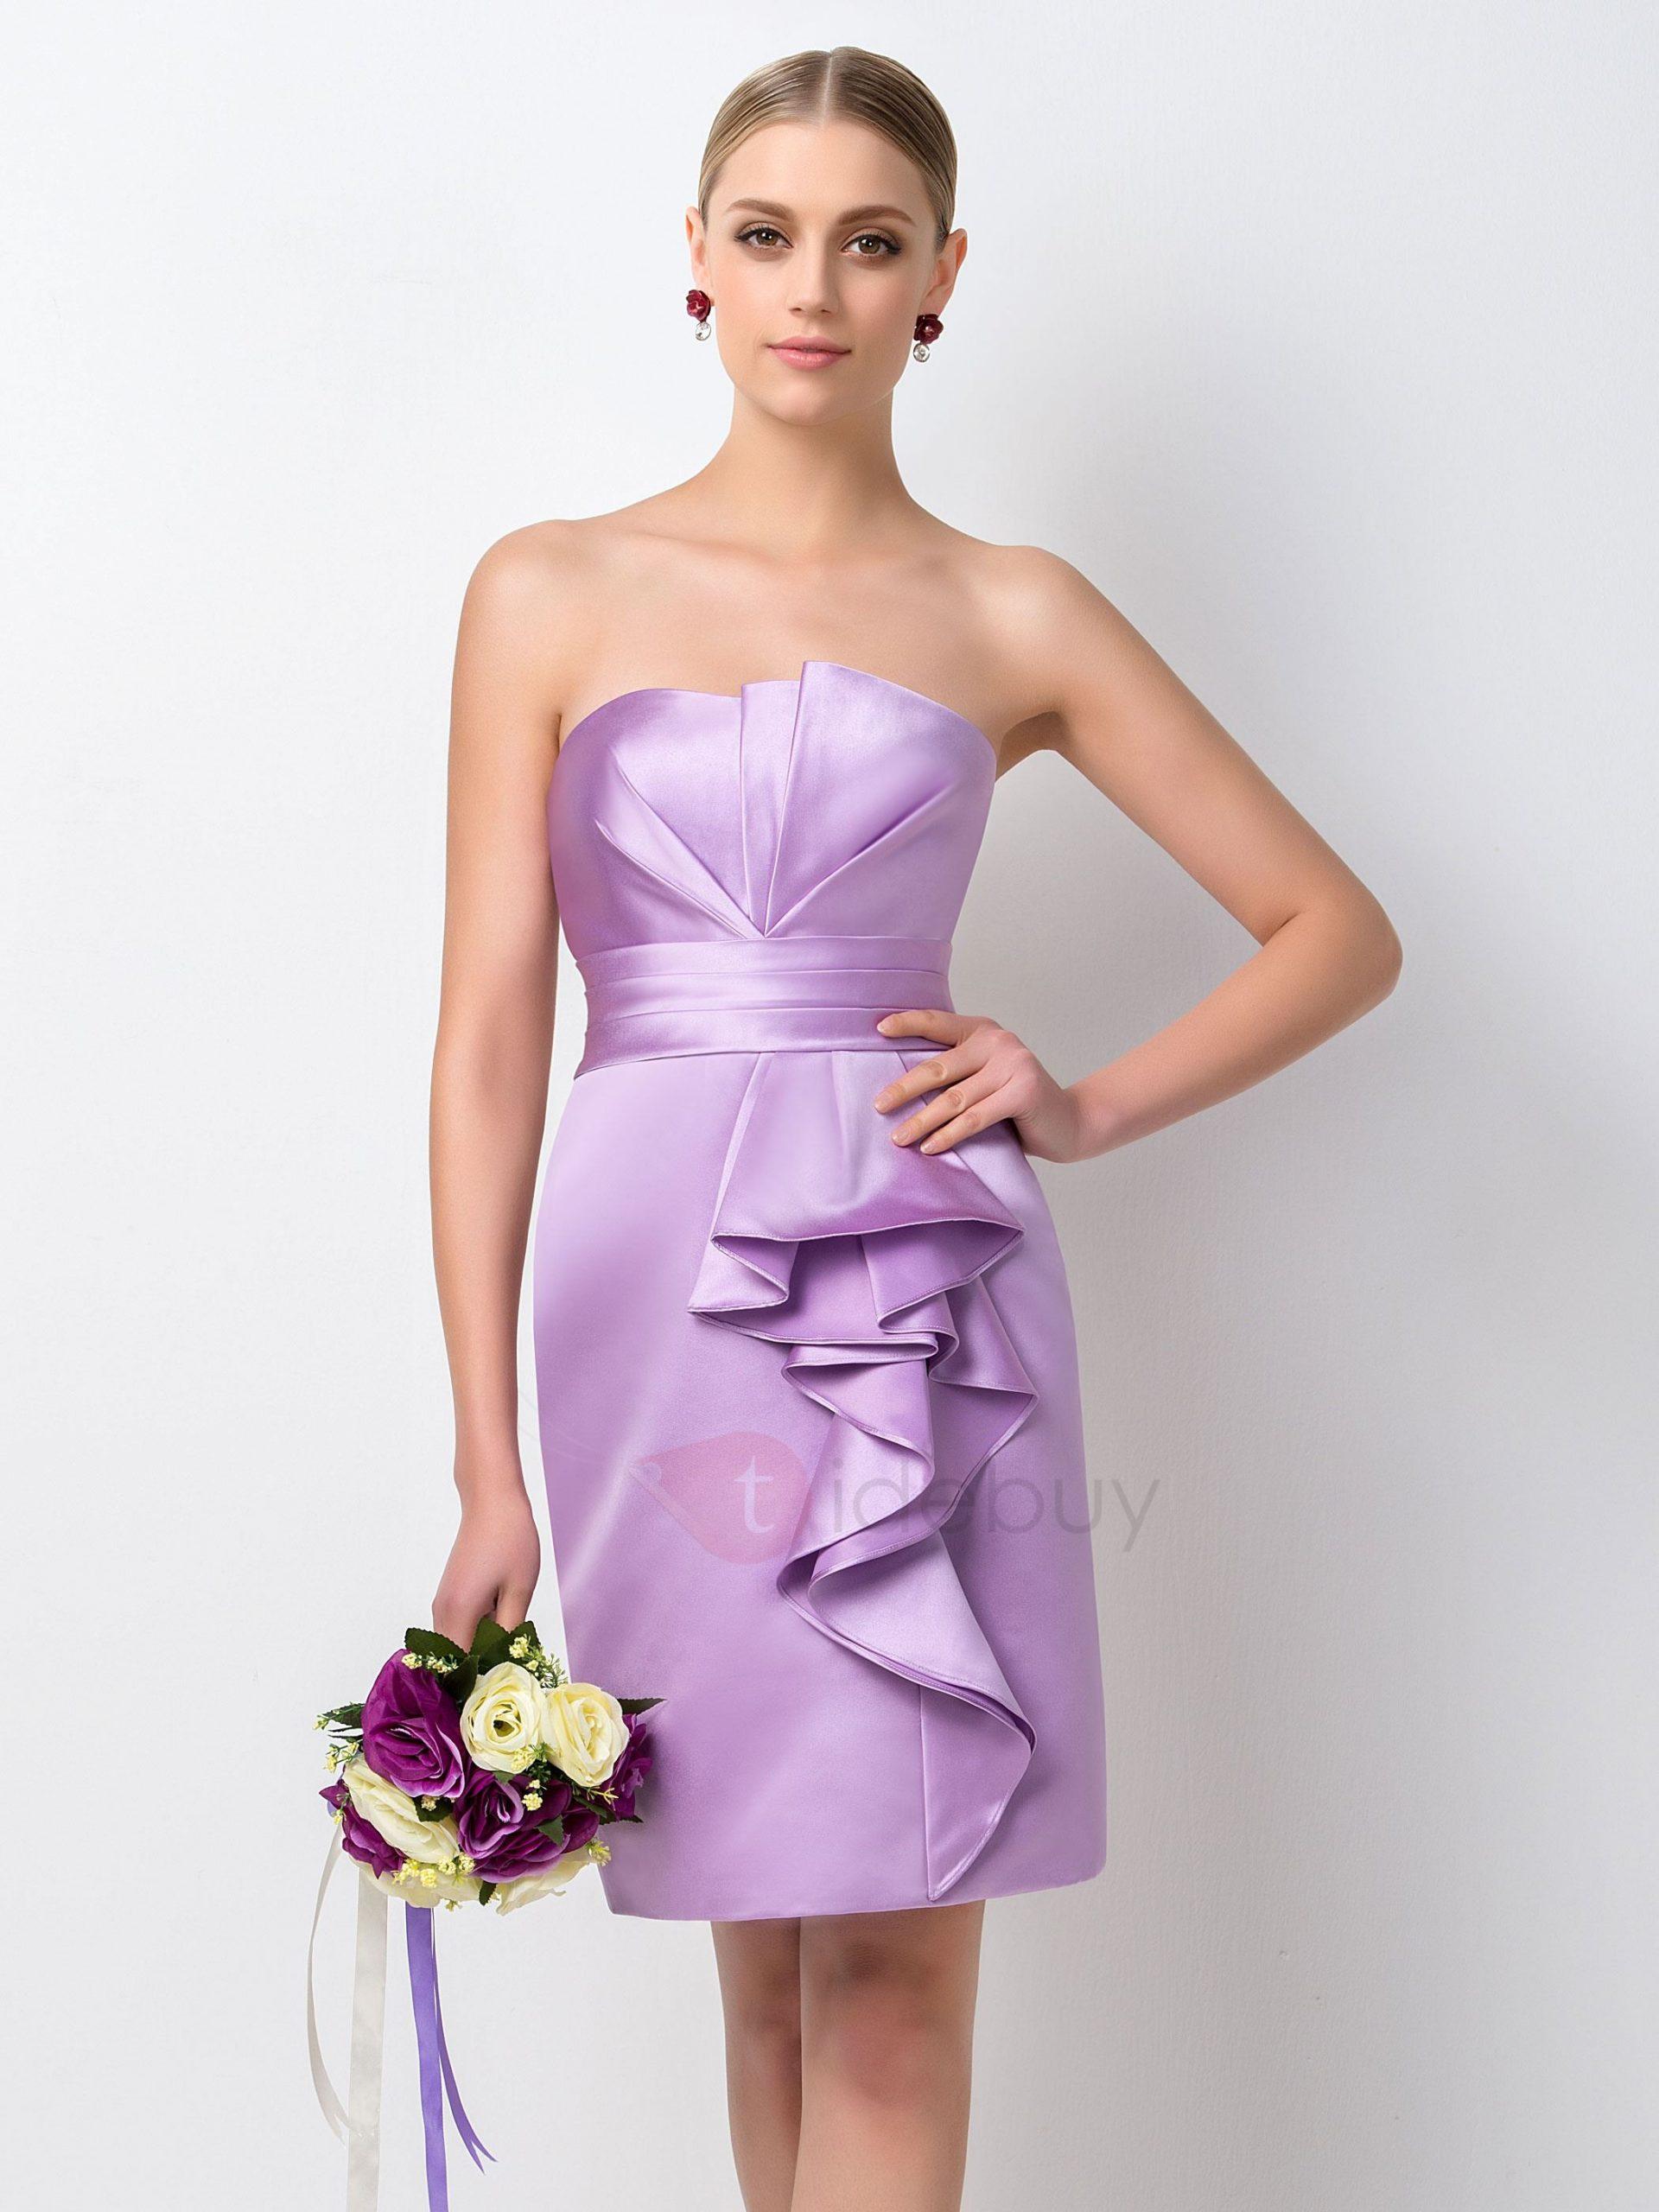 Fantastisch Flieder Kleid Kurz Design13 Kreativ Flieder Kleid Kurz Bester Preis